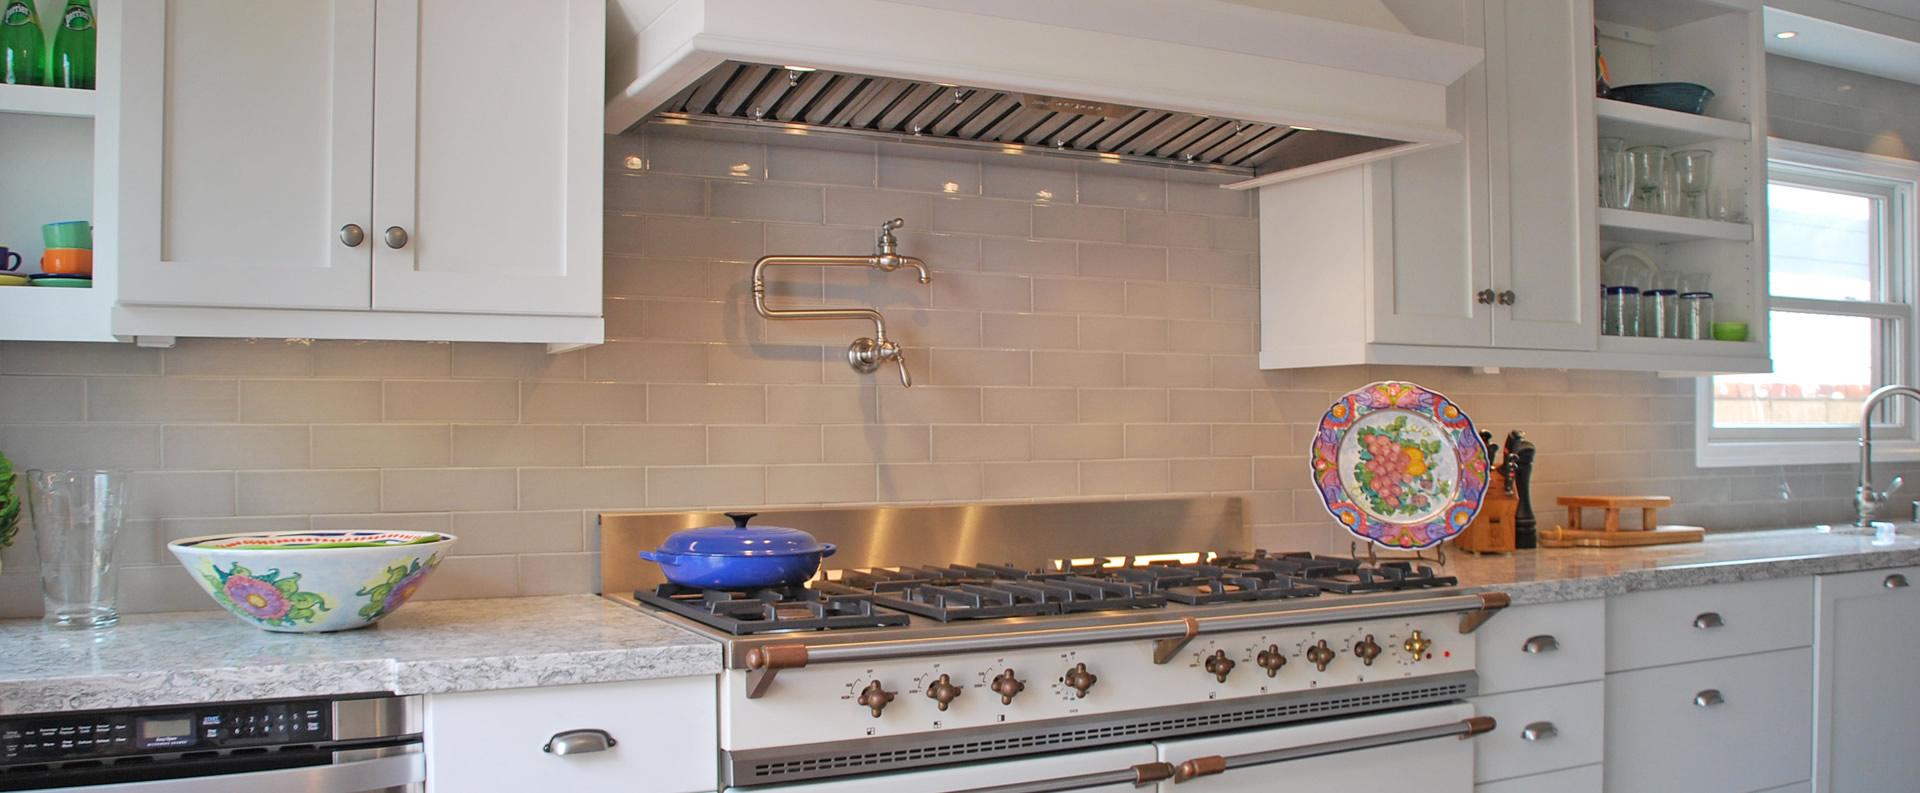 Kitchen design with tile backsplash